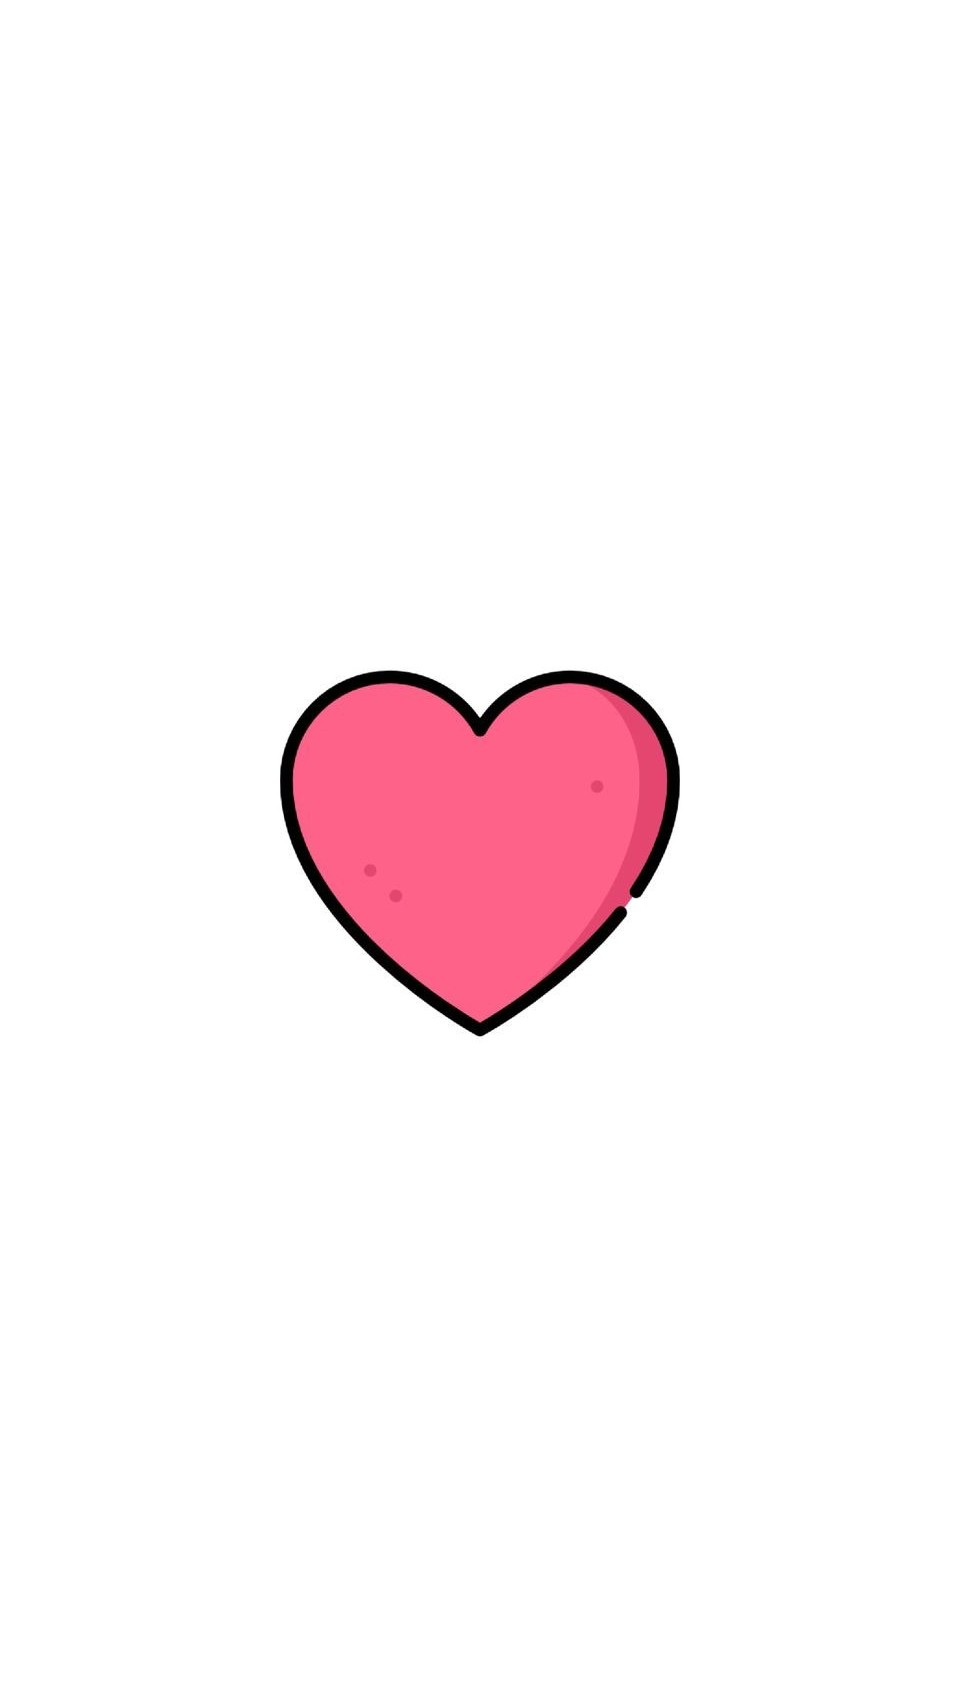 kmc_m avatar